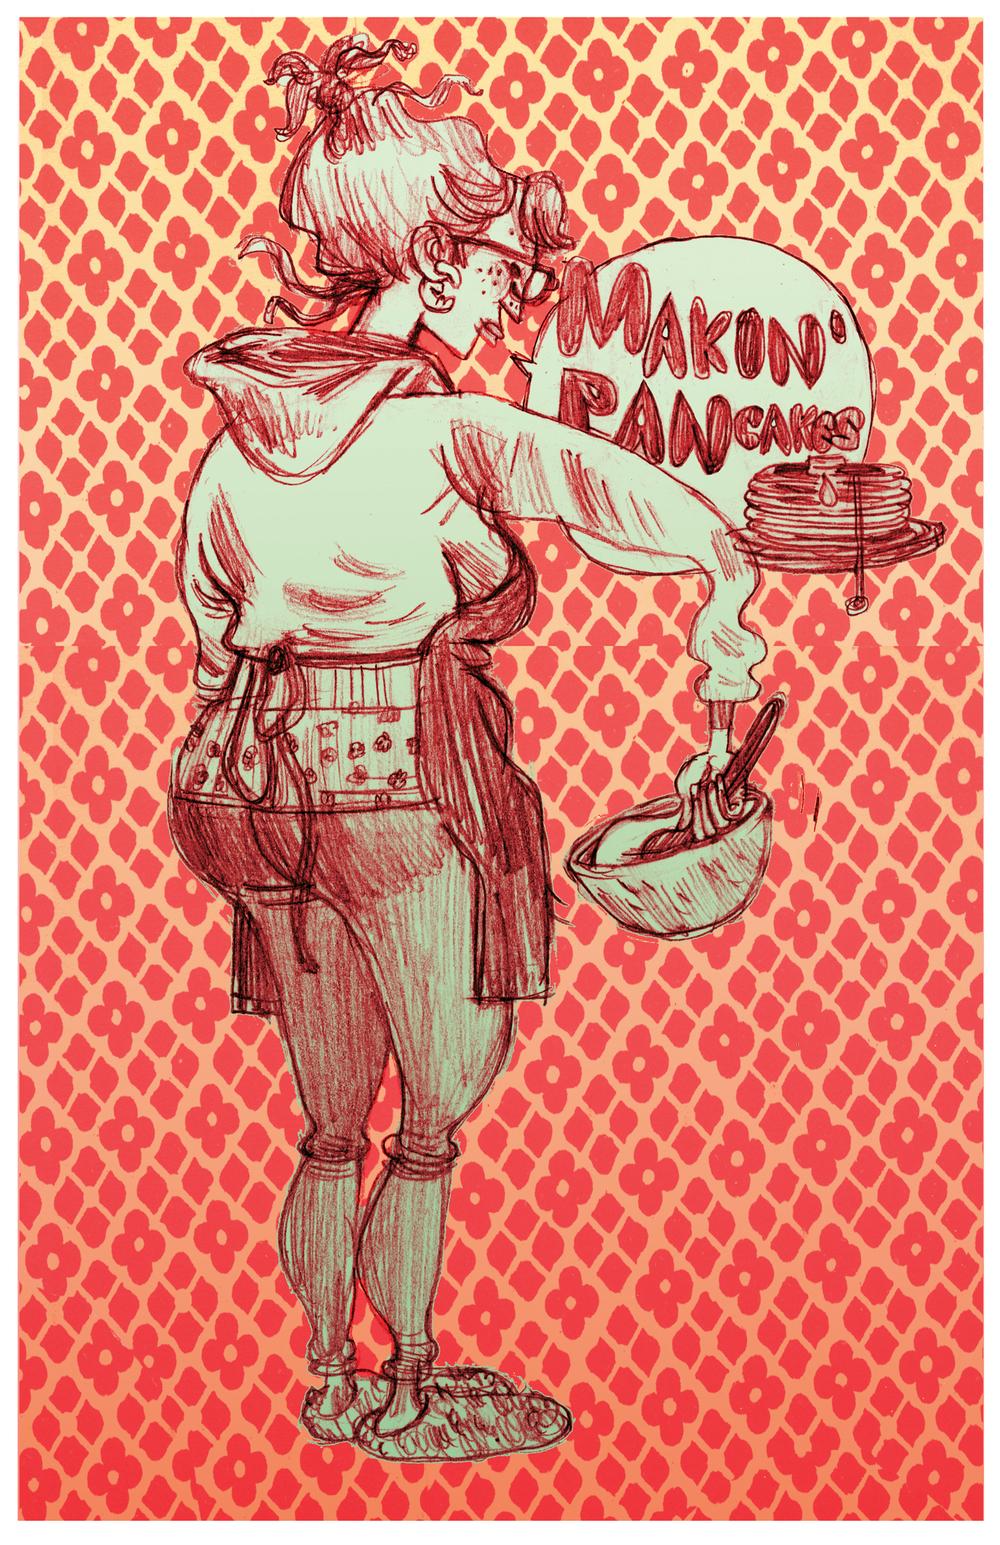 sg_pancakes.jpg